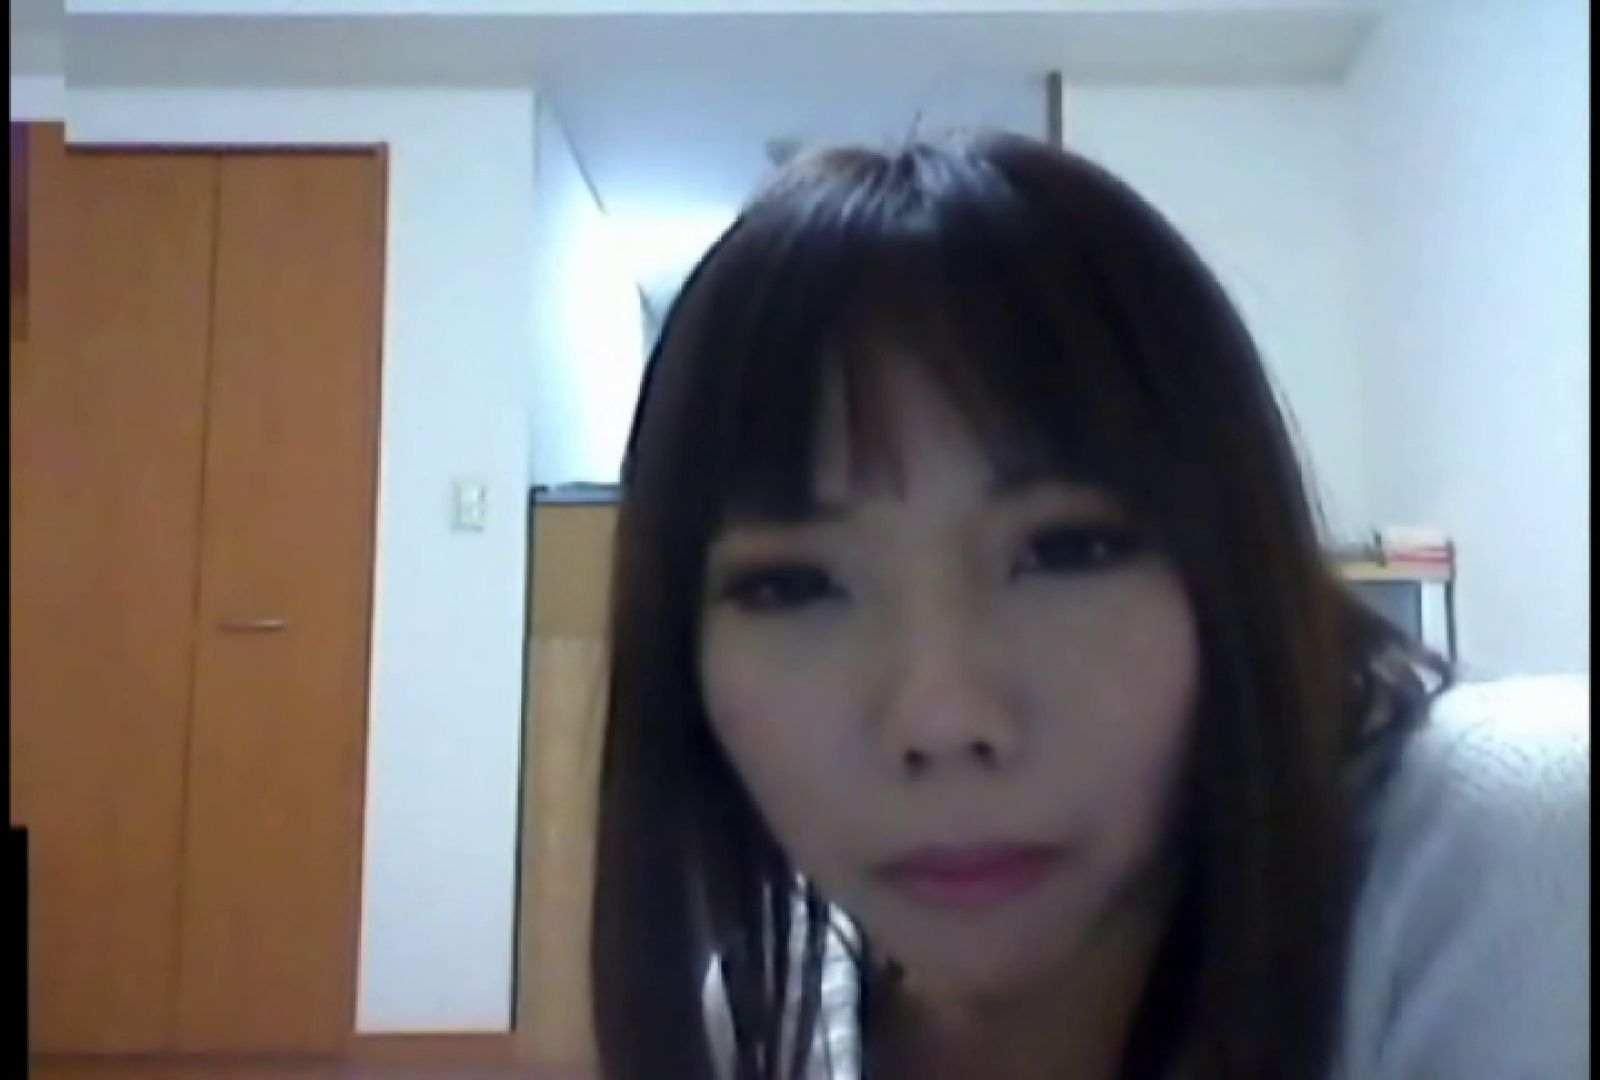 電魔王さんの「盗撮の部屋」No.10 美加 No.2 女体盗撮  82連発 4